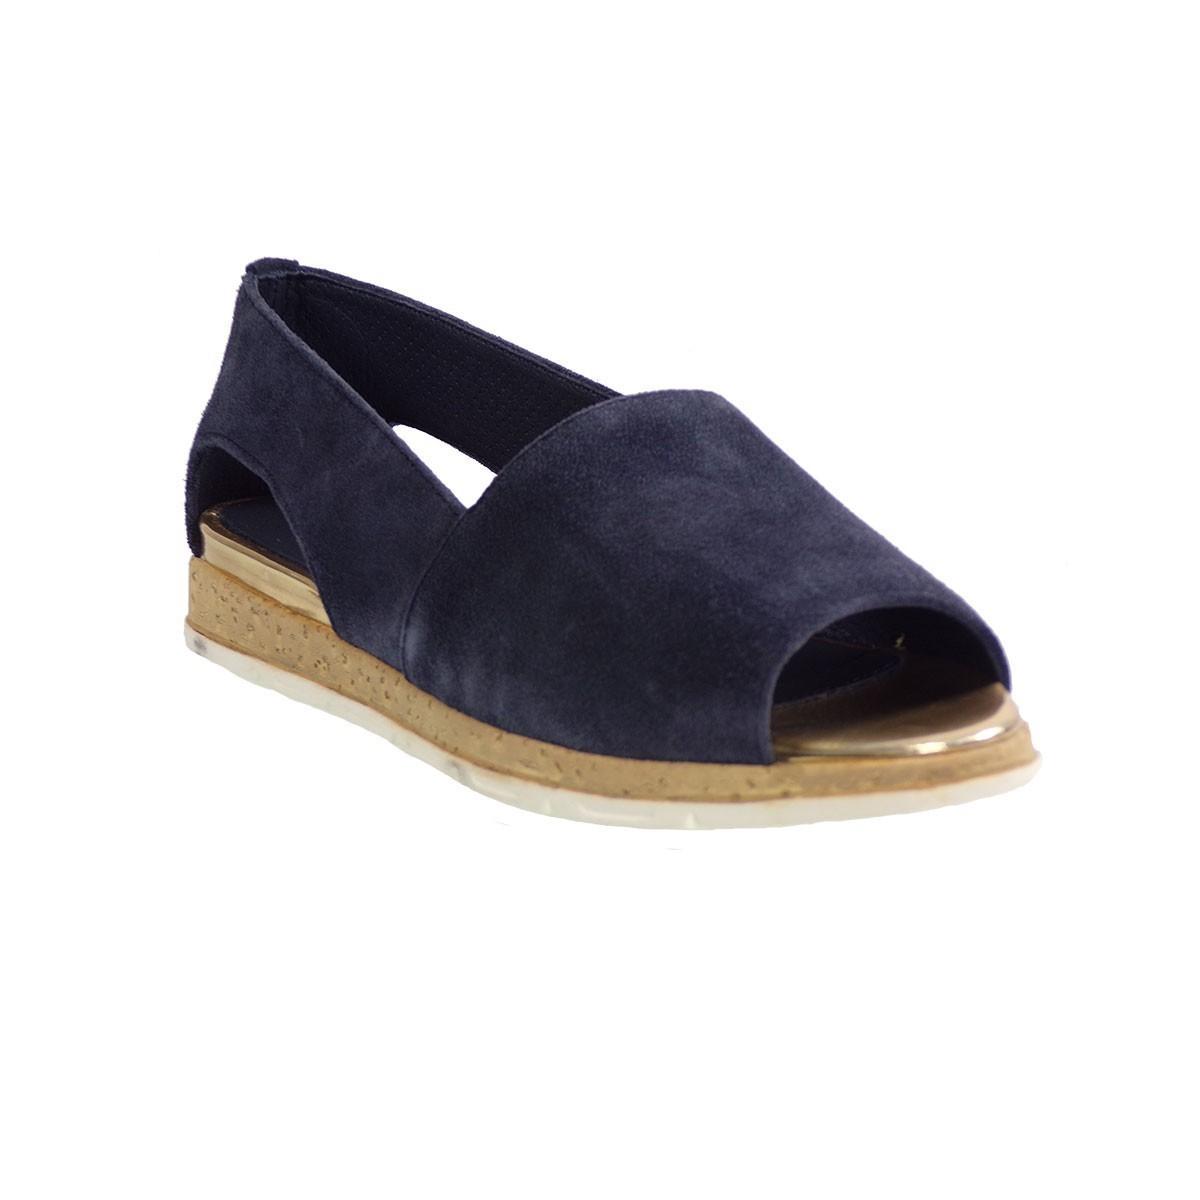 Aerosoles Shoes Γυναικεία Παπούτσια DANCE FIOOR 887282219 Μπλέ Δέρμα